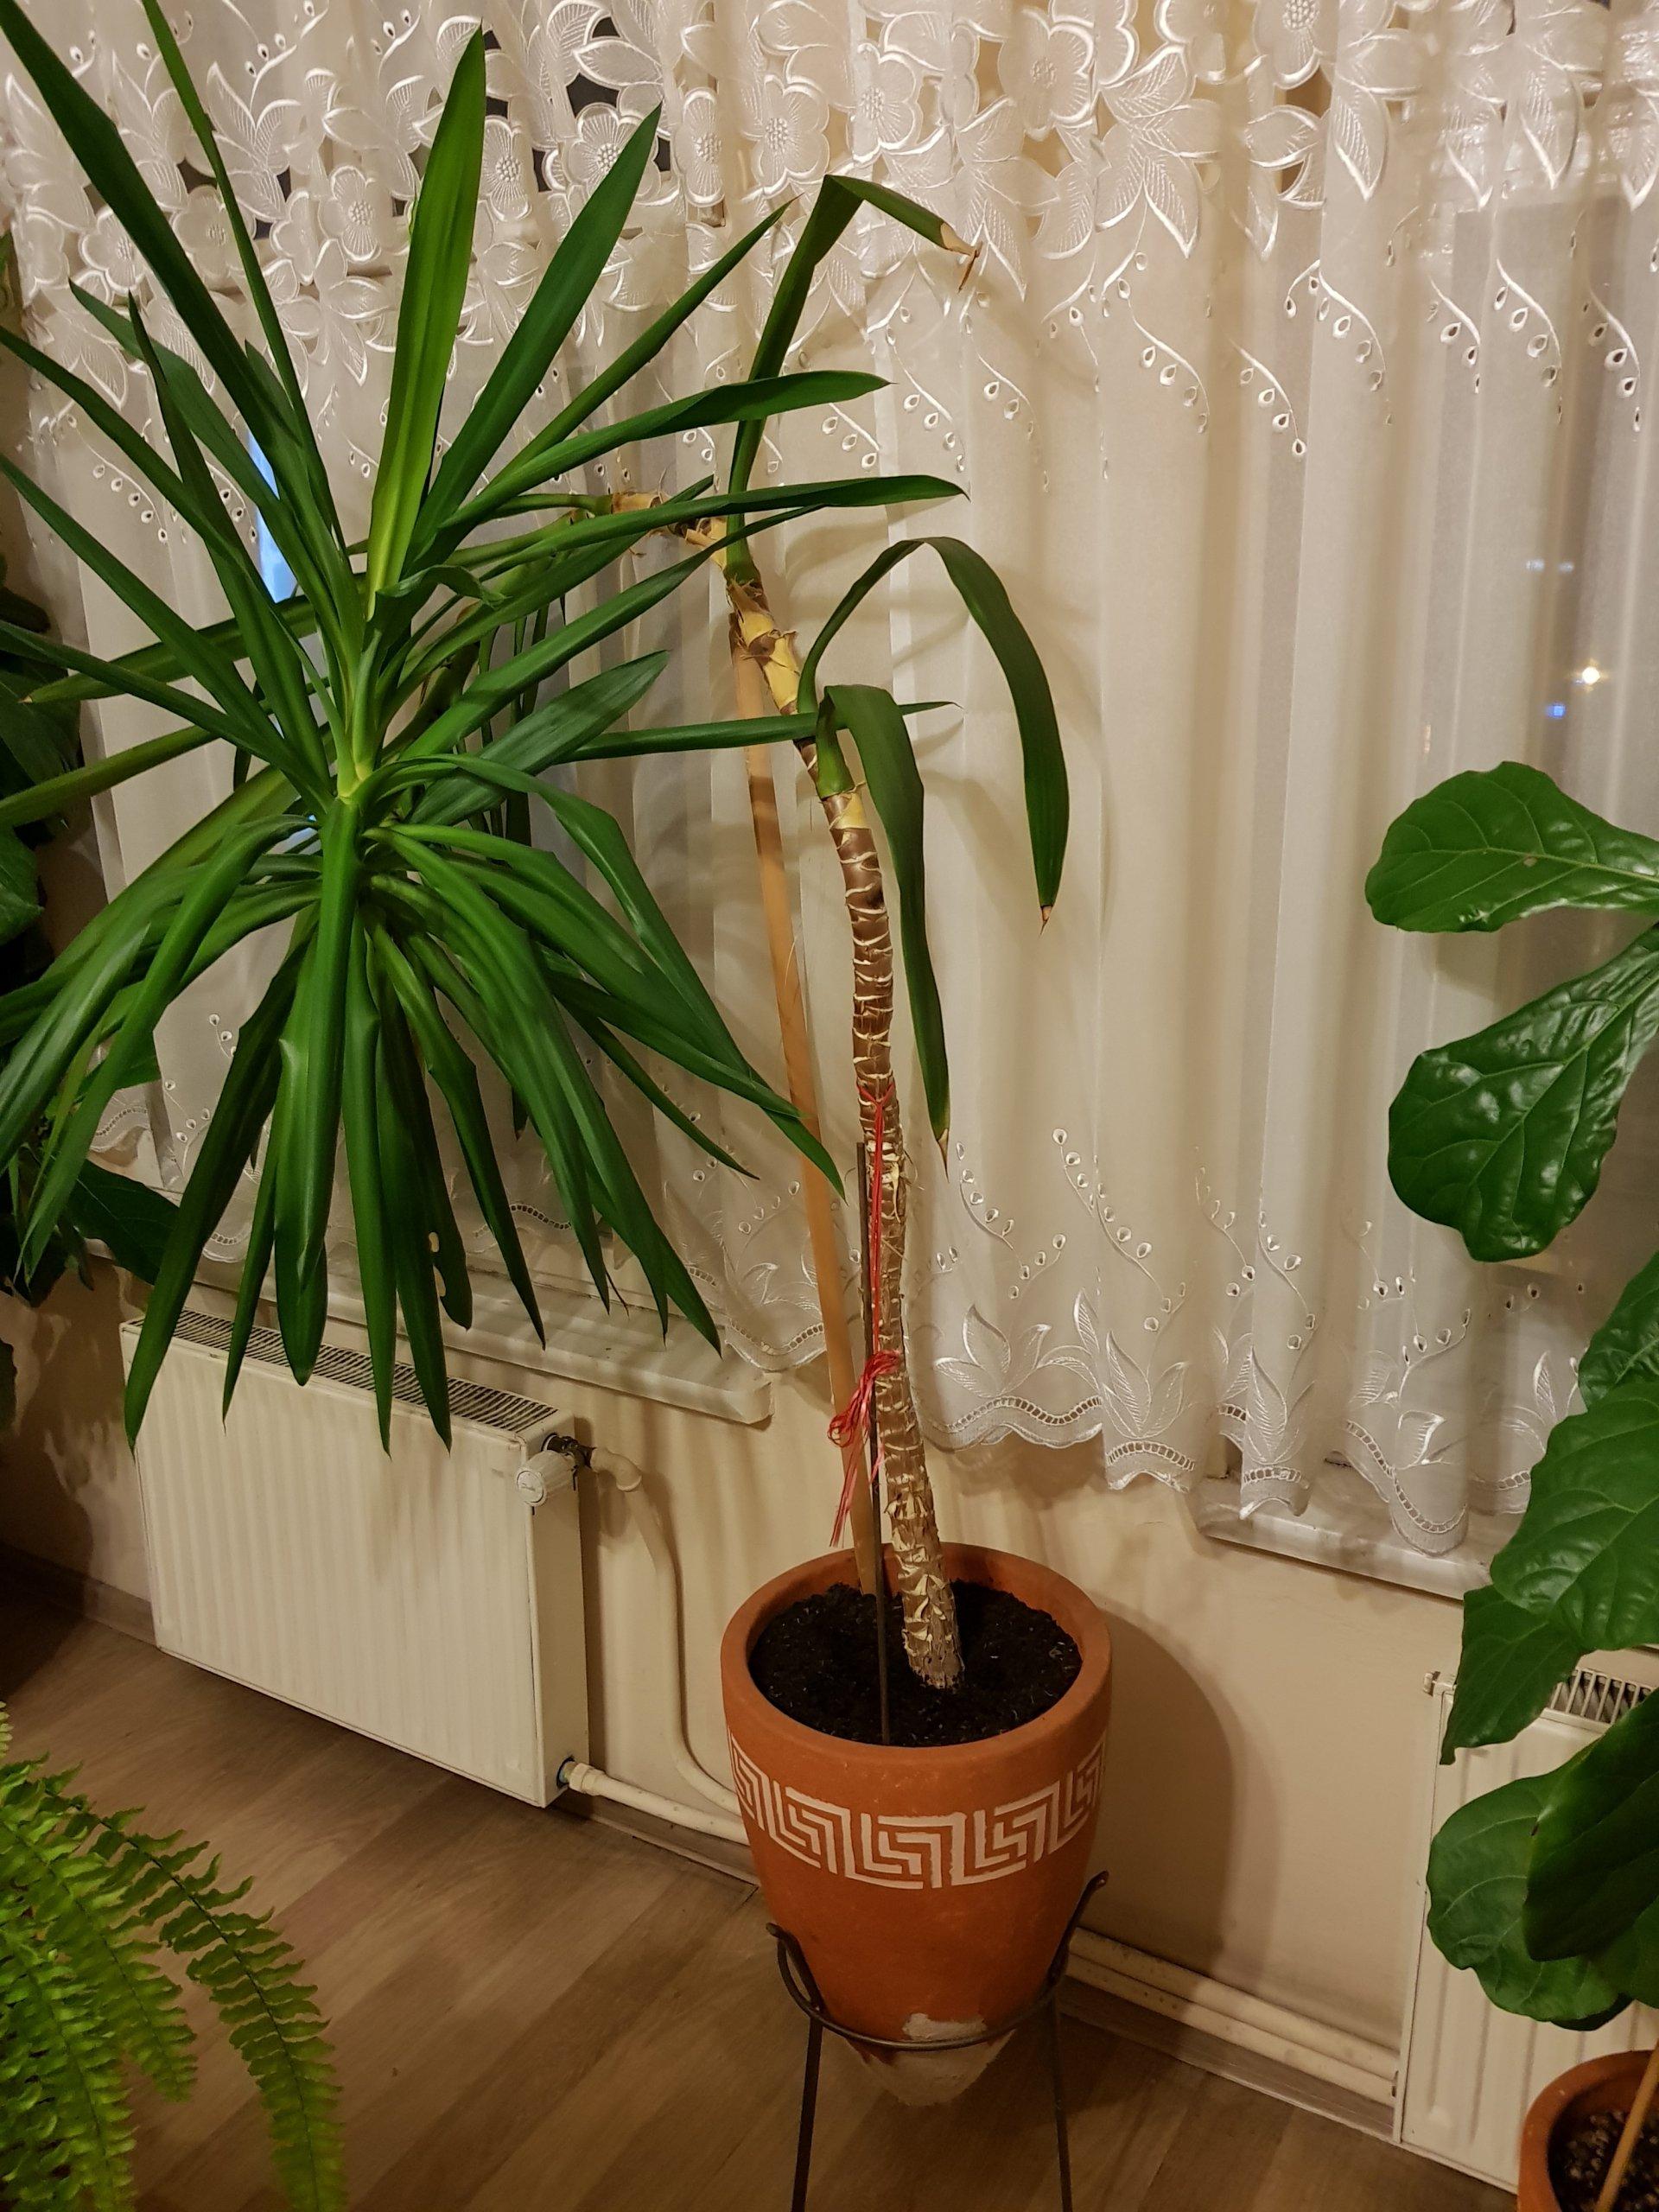 Duże Kwiaty Doniczkowe Około 2 Metry 7106405830 Oficjalne